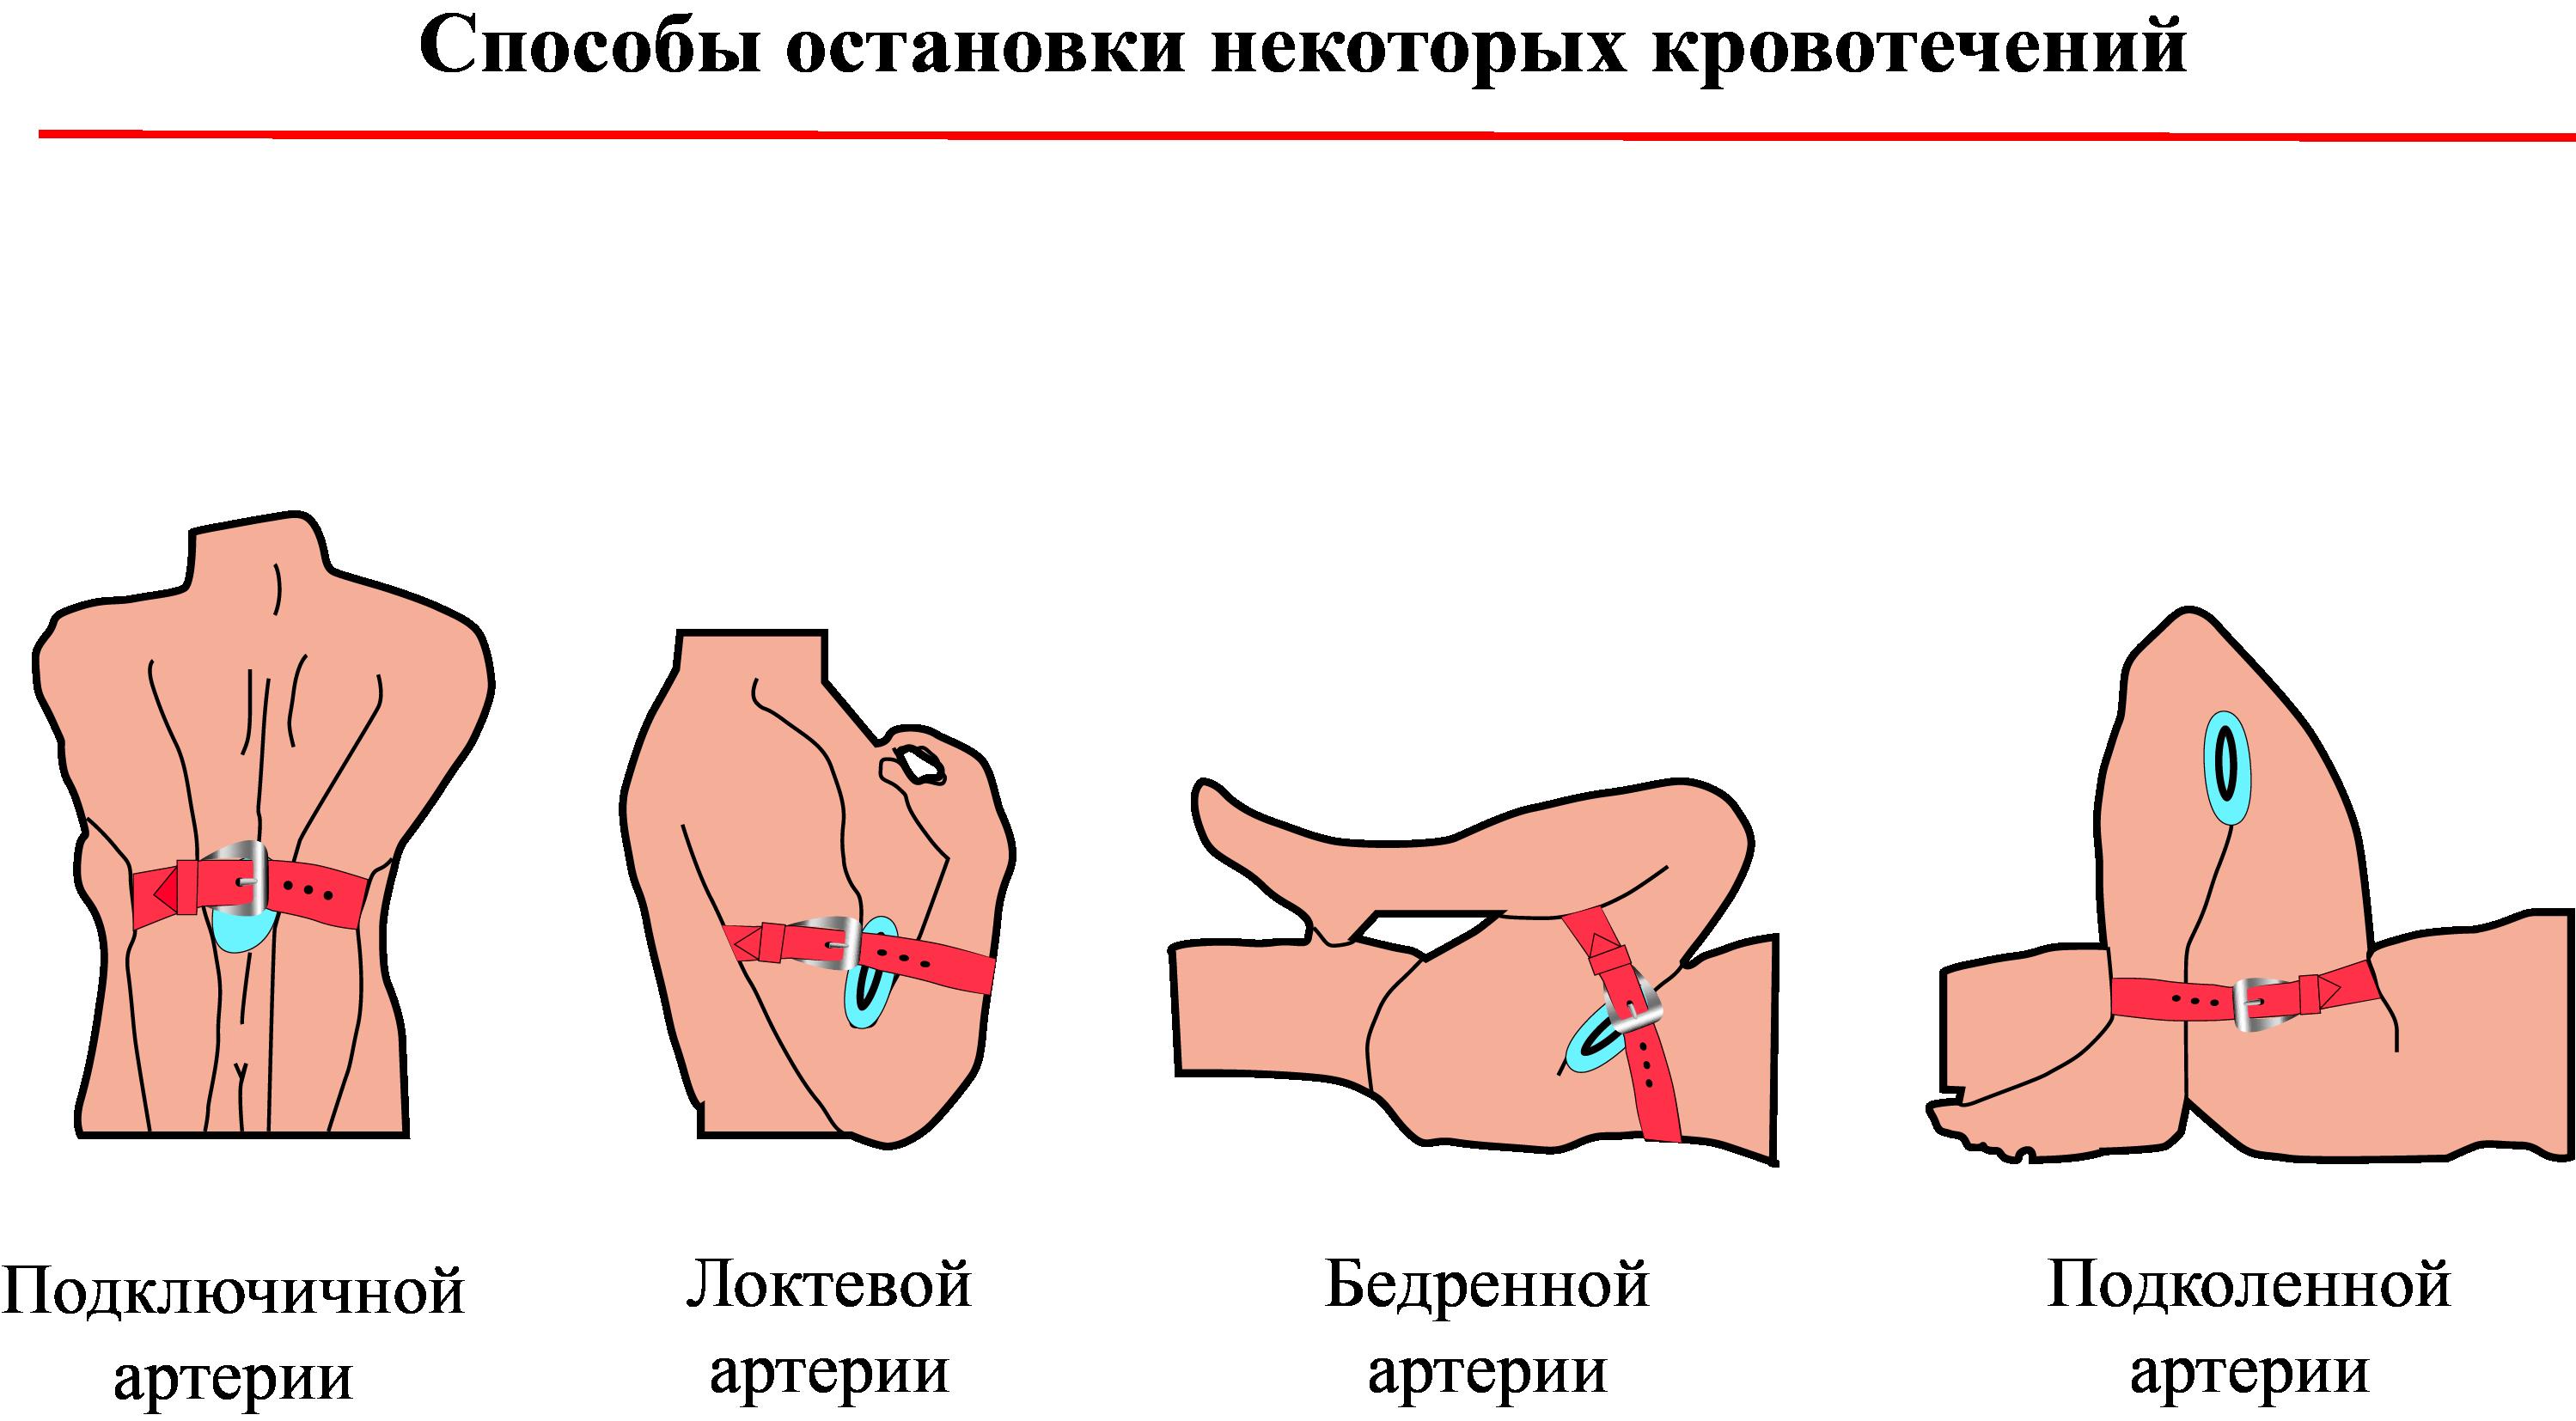 Способы остановки некоторых кровотечений